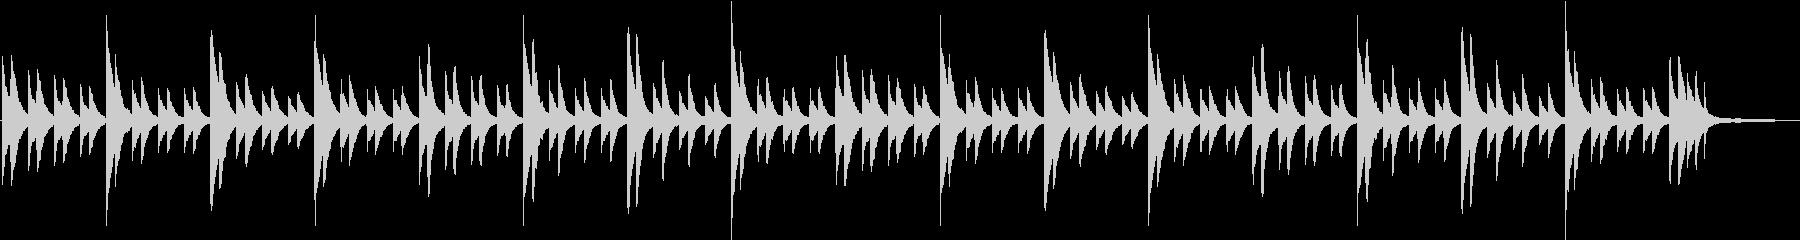 ピアノの困惑したようなテイストの曲の未再生の波形